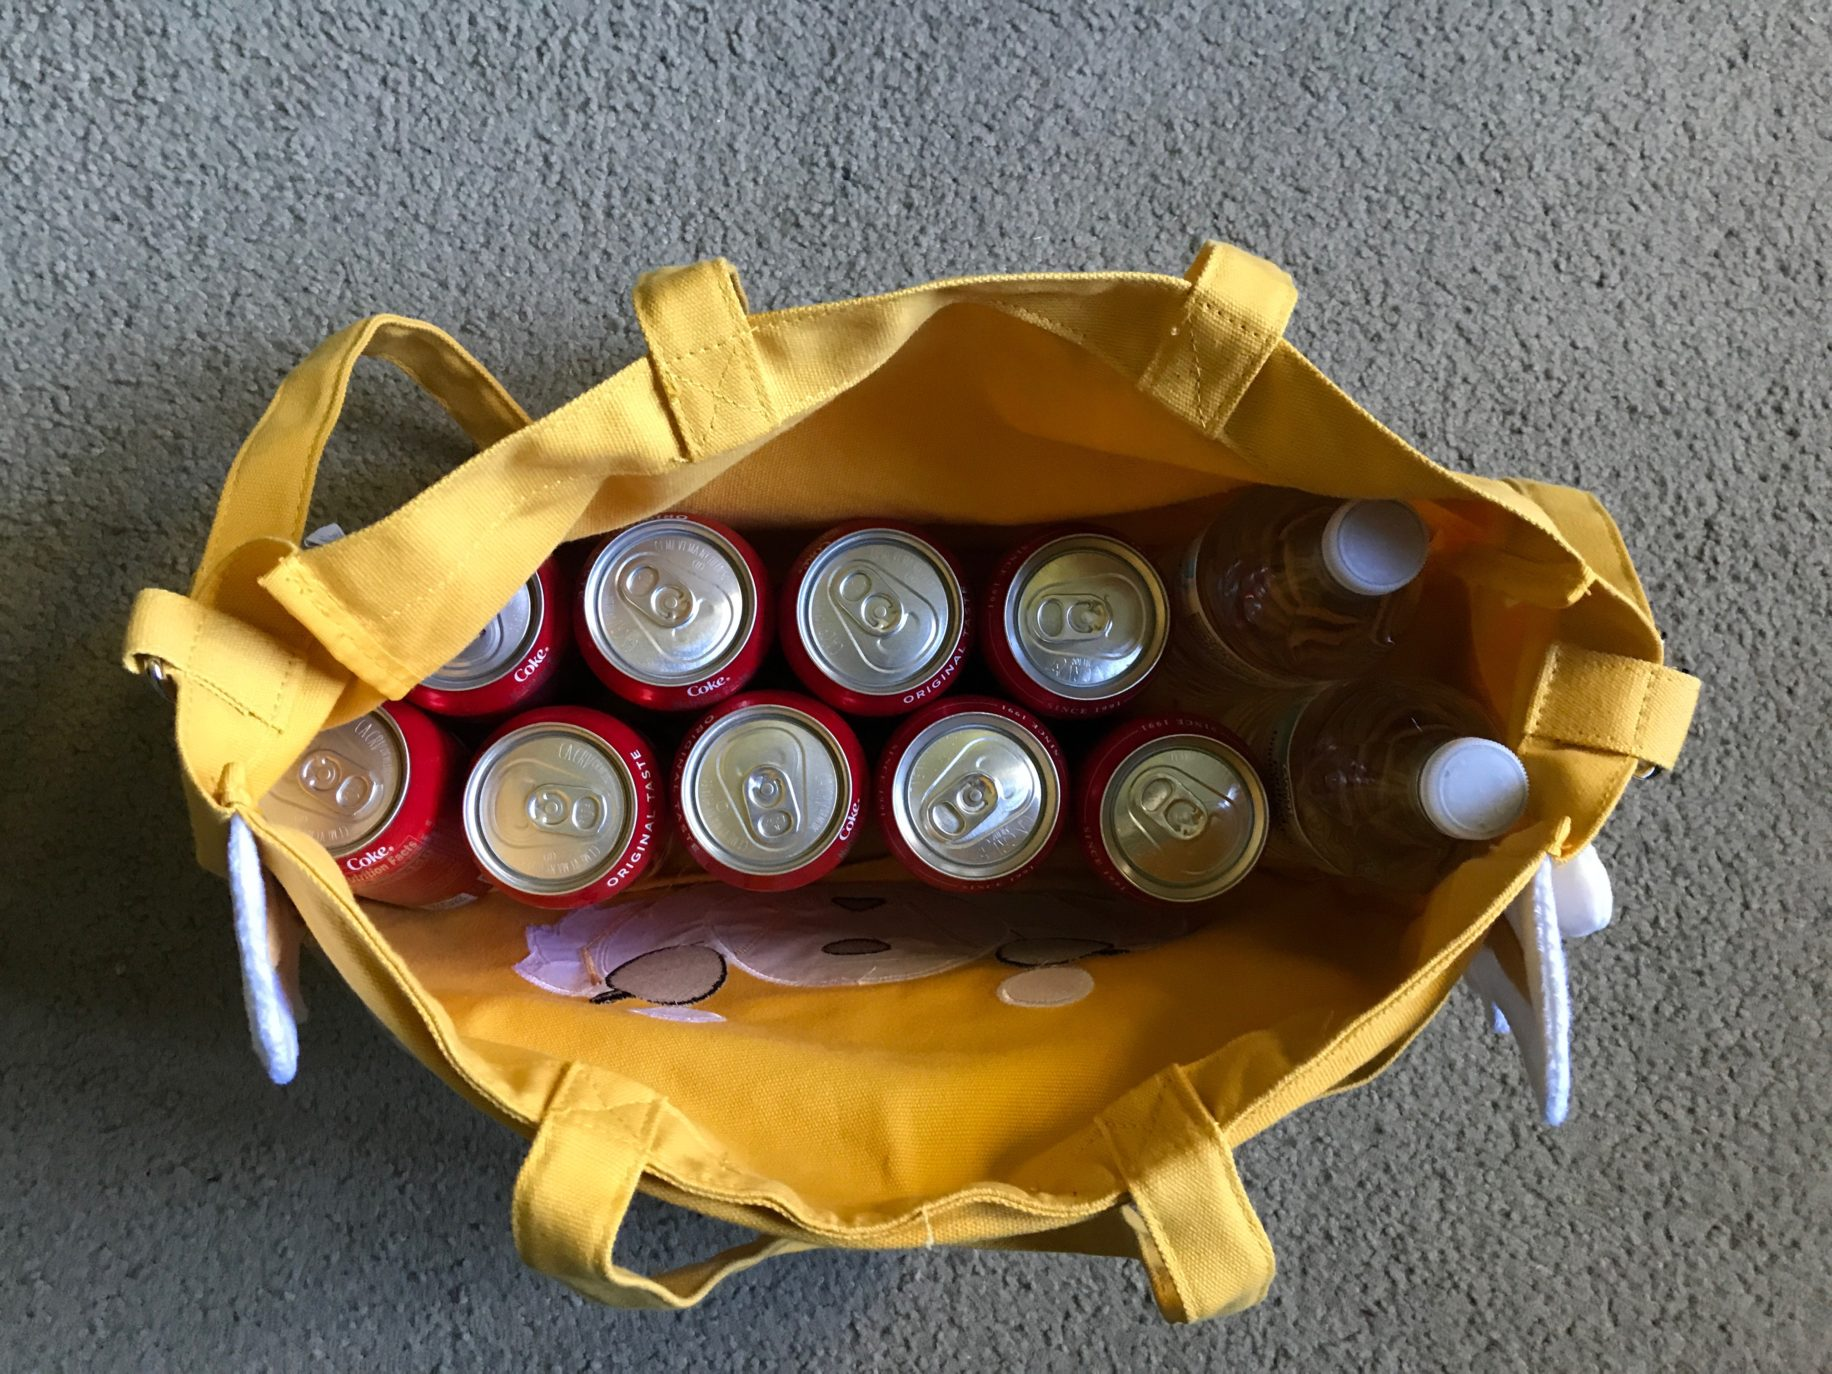 Aggretsuko bag holds quite a few cokes. \ Image: Dakster Sullivan